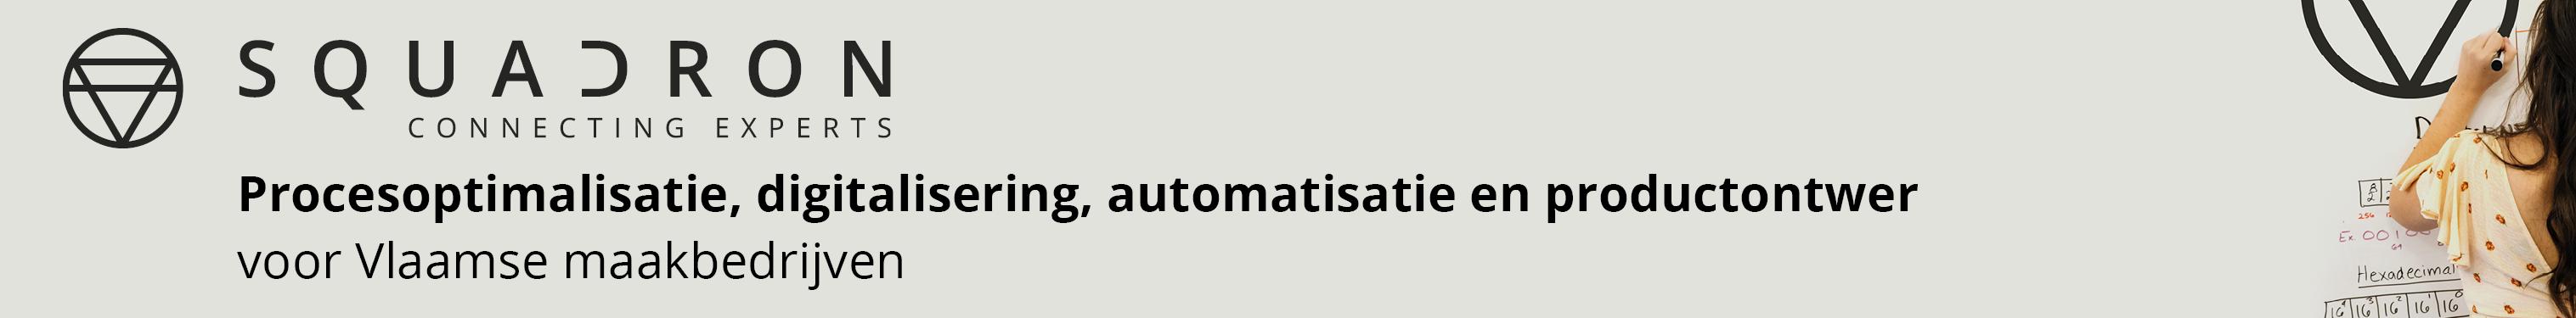 """Dit bedrijf brengt efficiëntie in onze Vlaamse maakbedrijven: """"Met de juiste technologie kunnen ze de uitdagingen van de toekomst beter aan"""""""